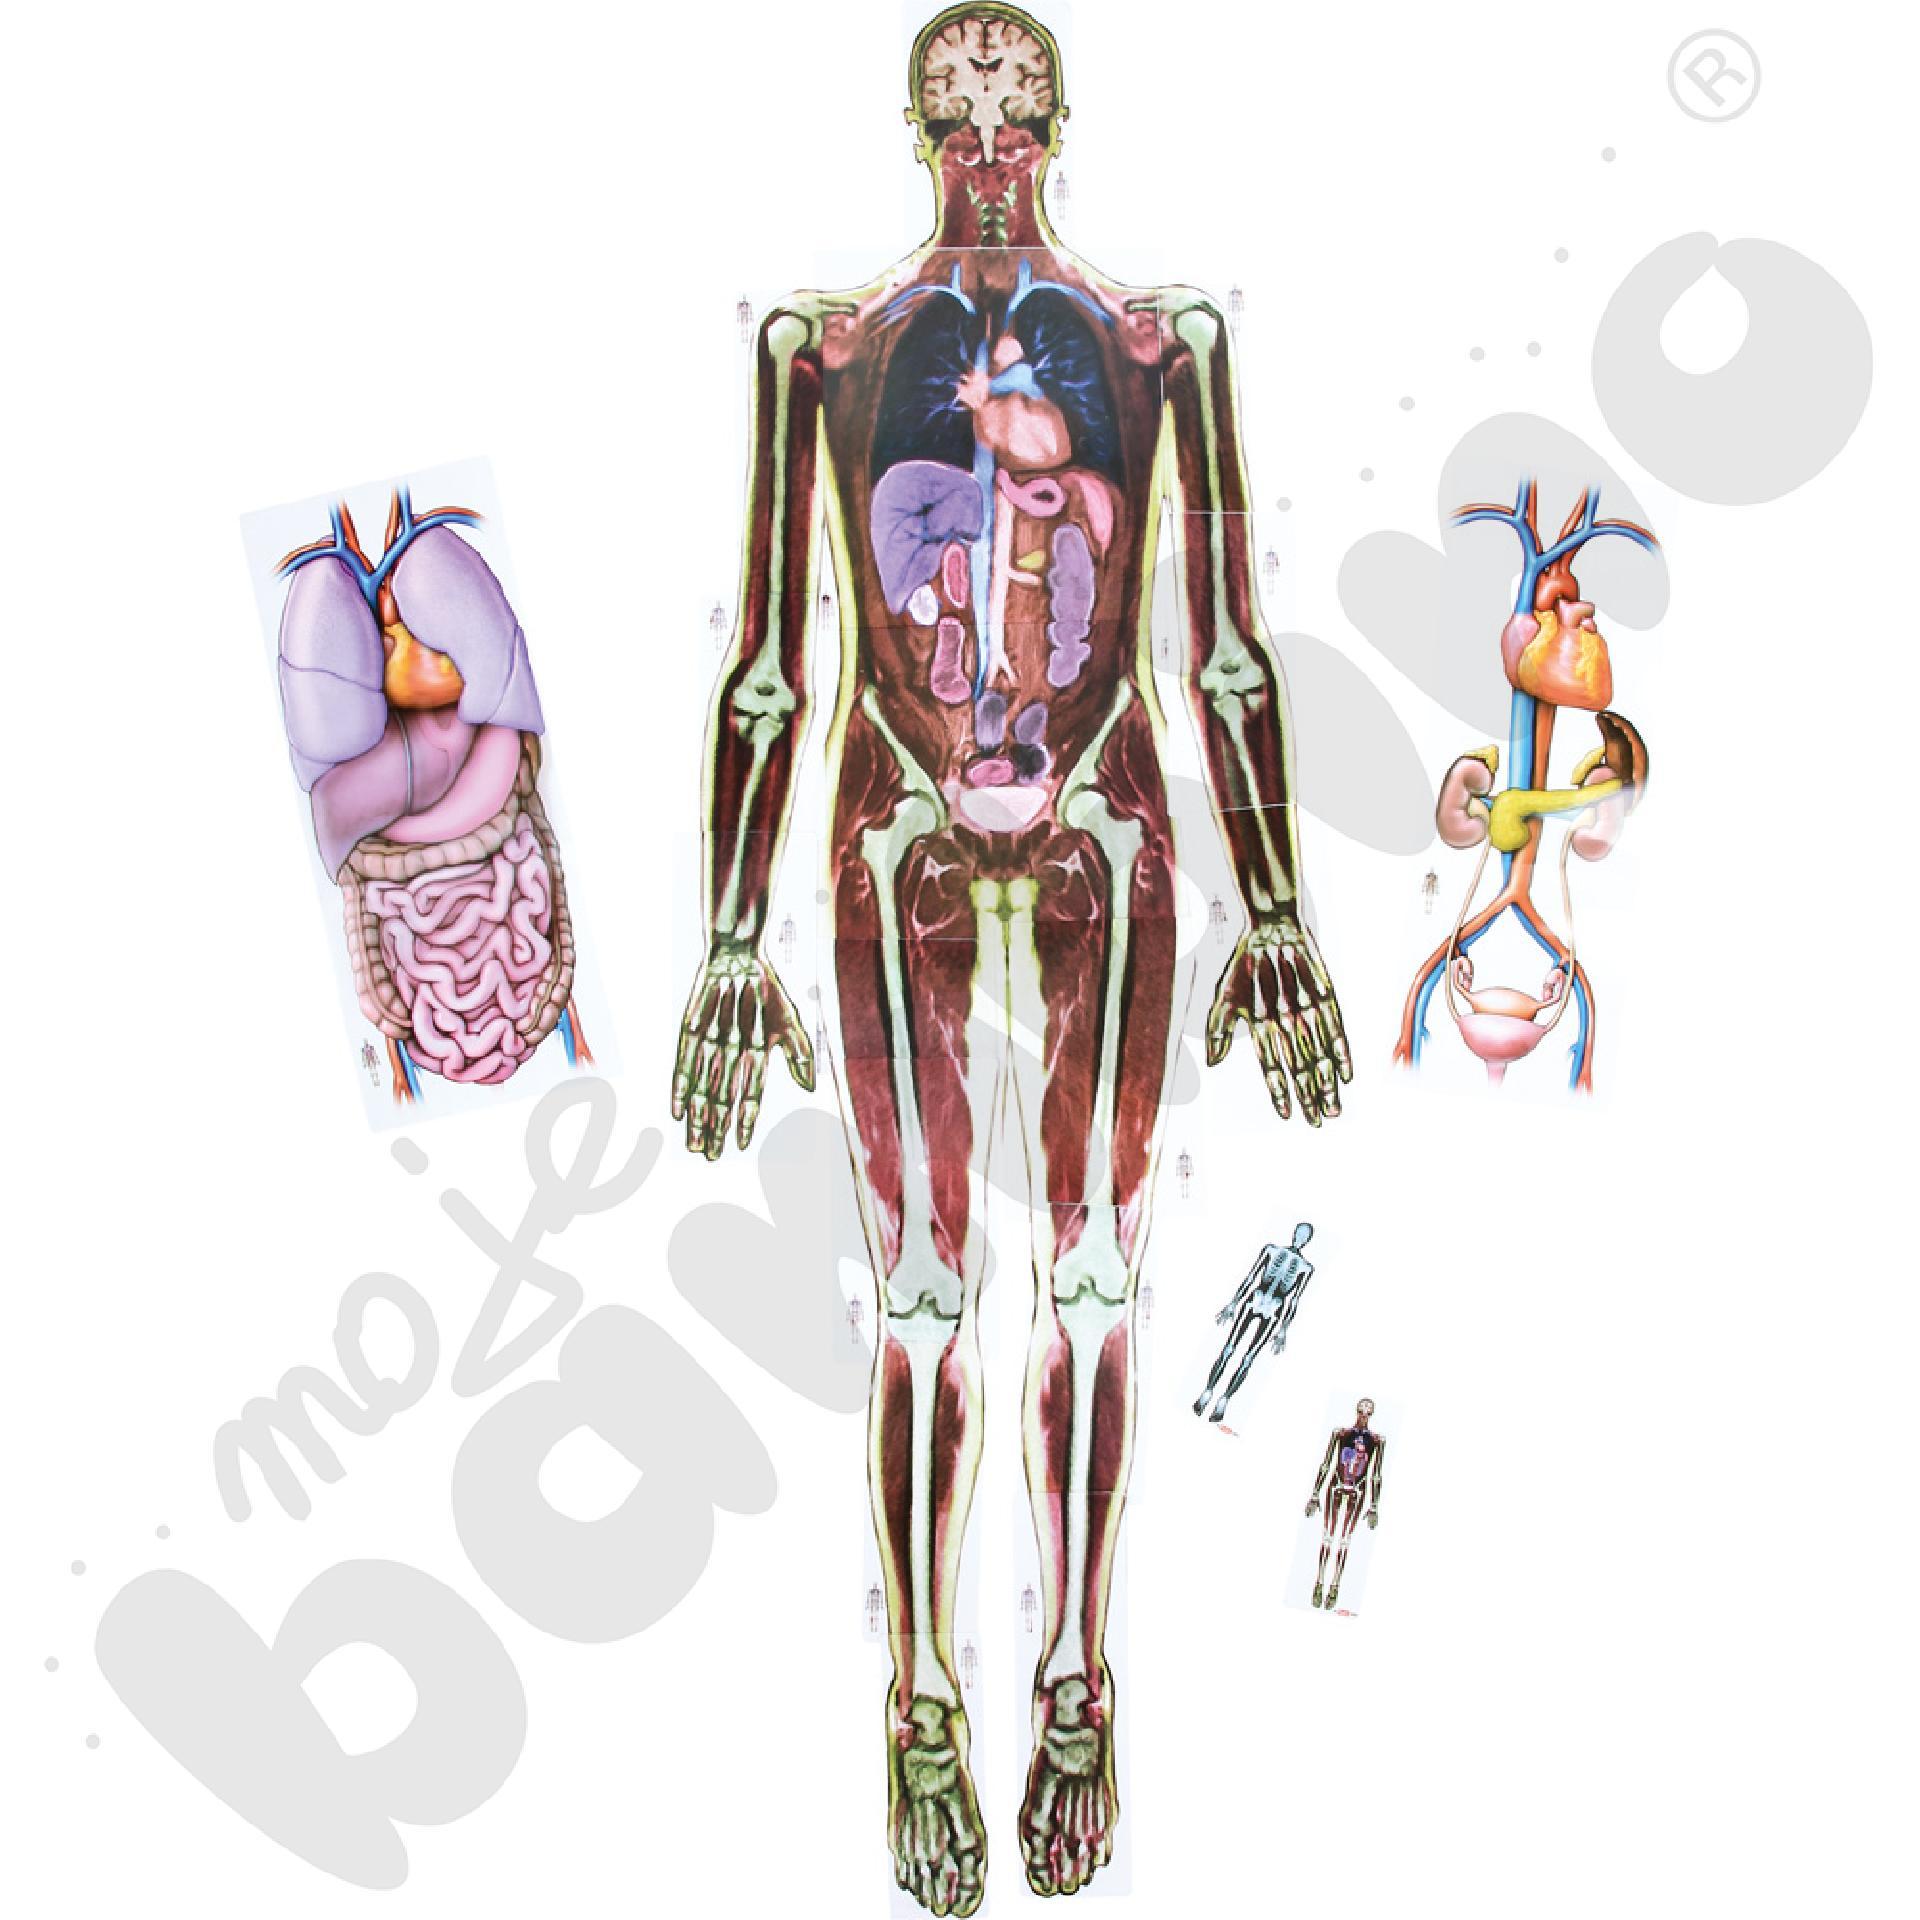 Zobacz co mamy w środku - rentgen człowieka